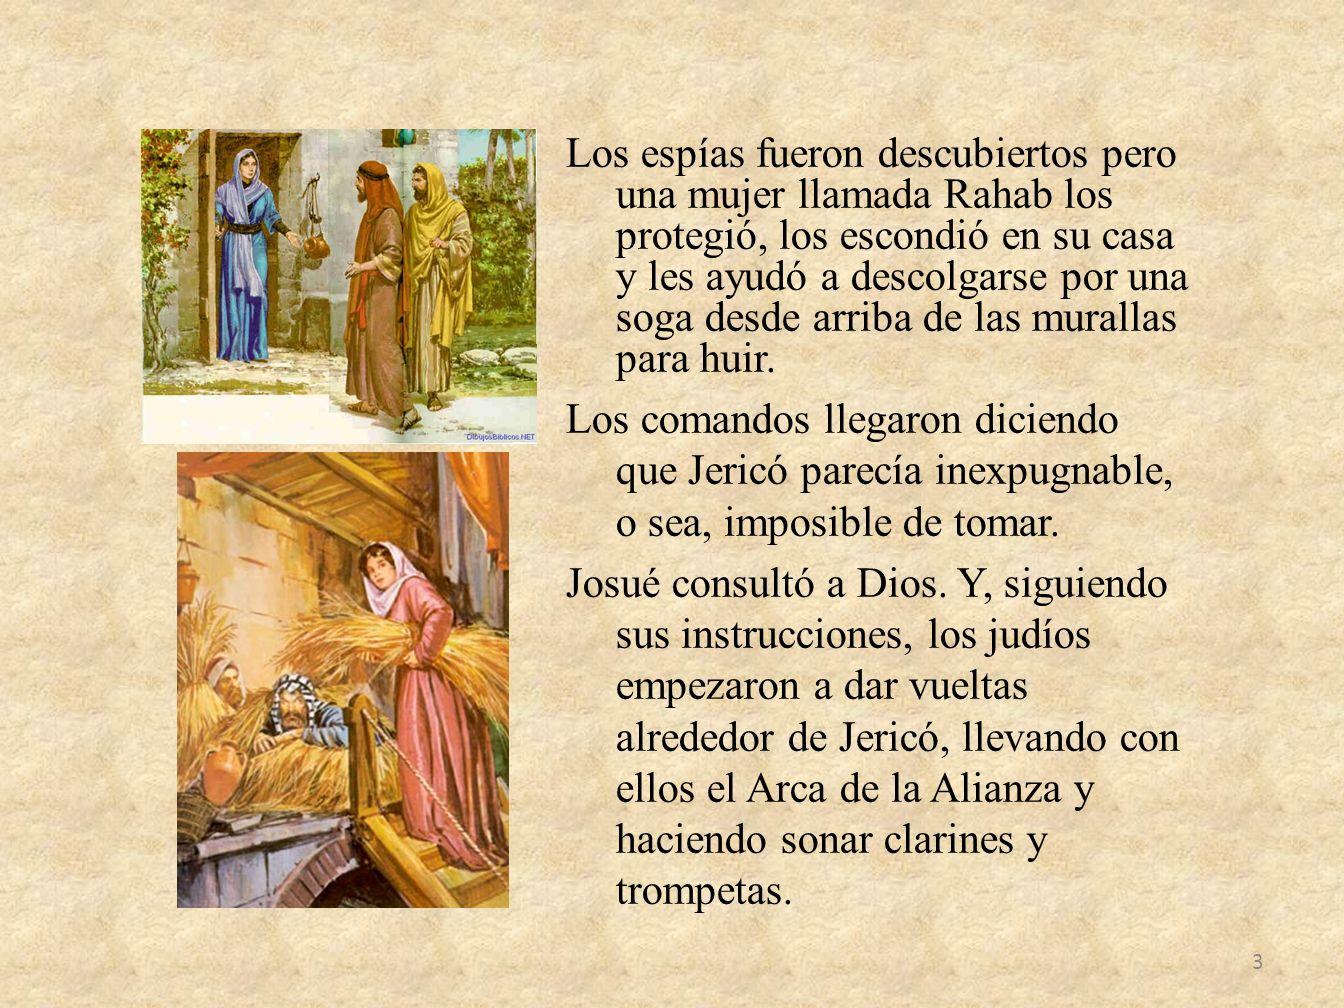 Los espías fueron descubiertos pero una mujer llamada Rahab los protegió, los escondió en su casa y les ayudó a descolgarse por una soga desde arriba